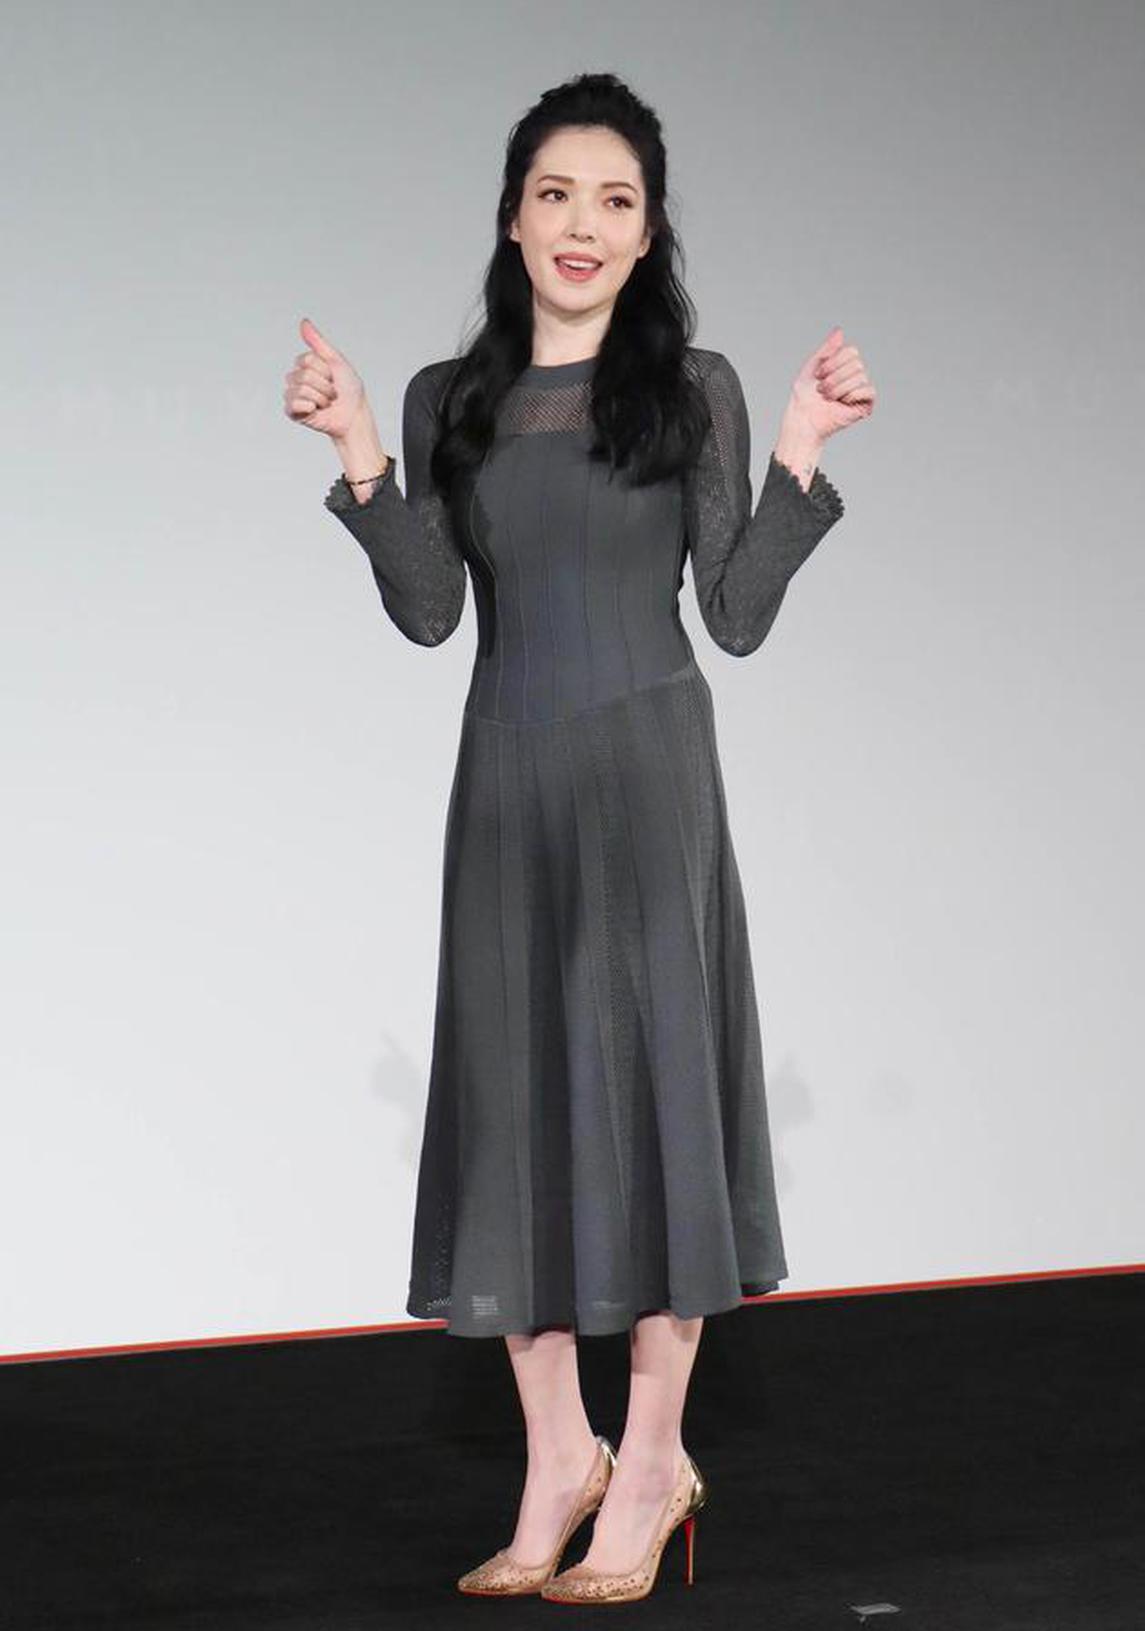 许玮甯在台北出席活动